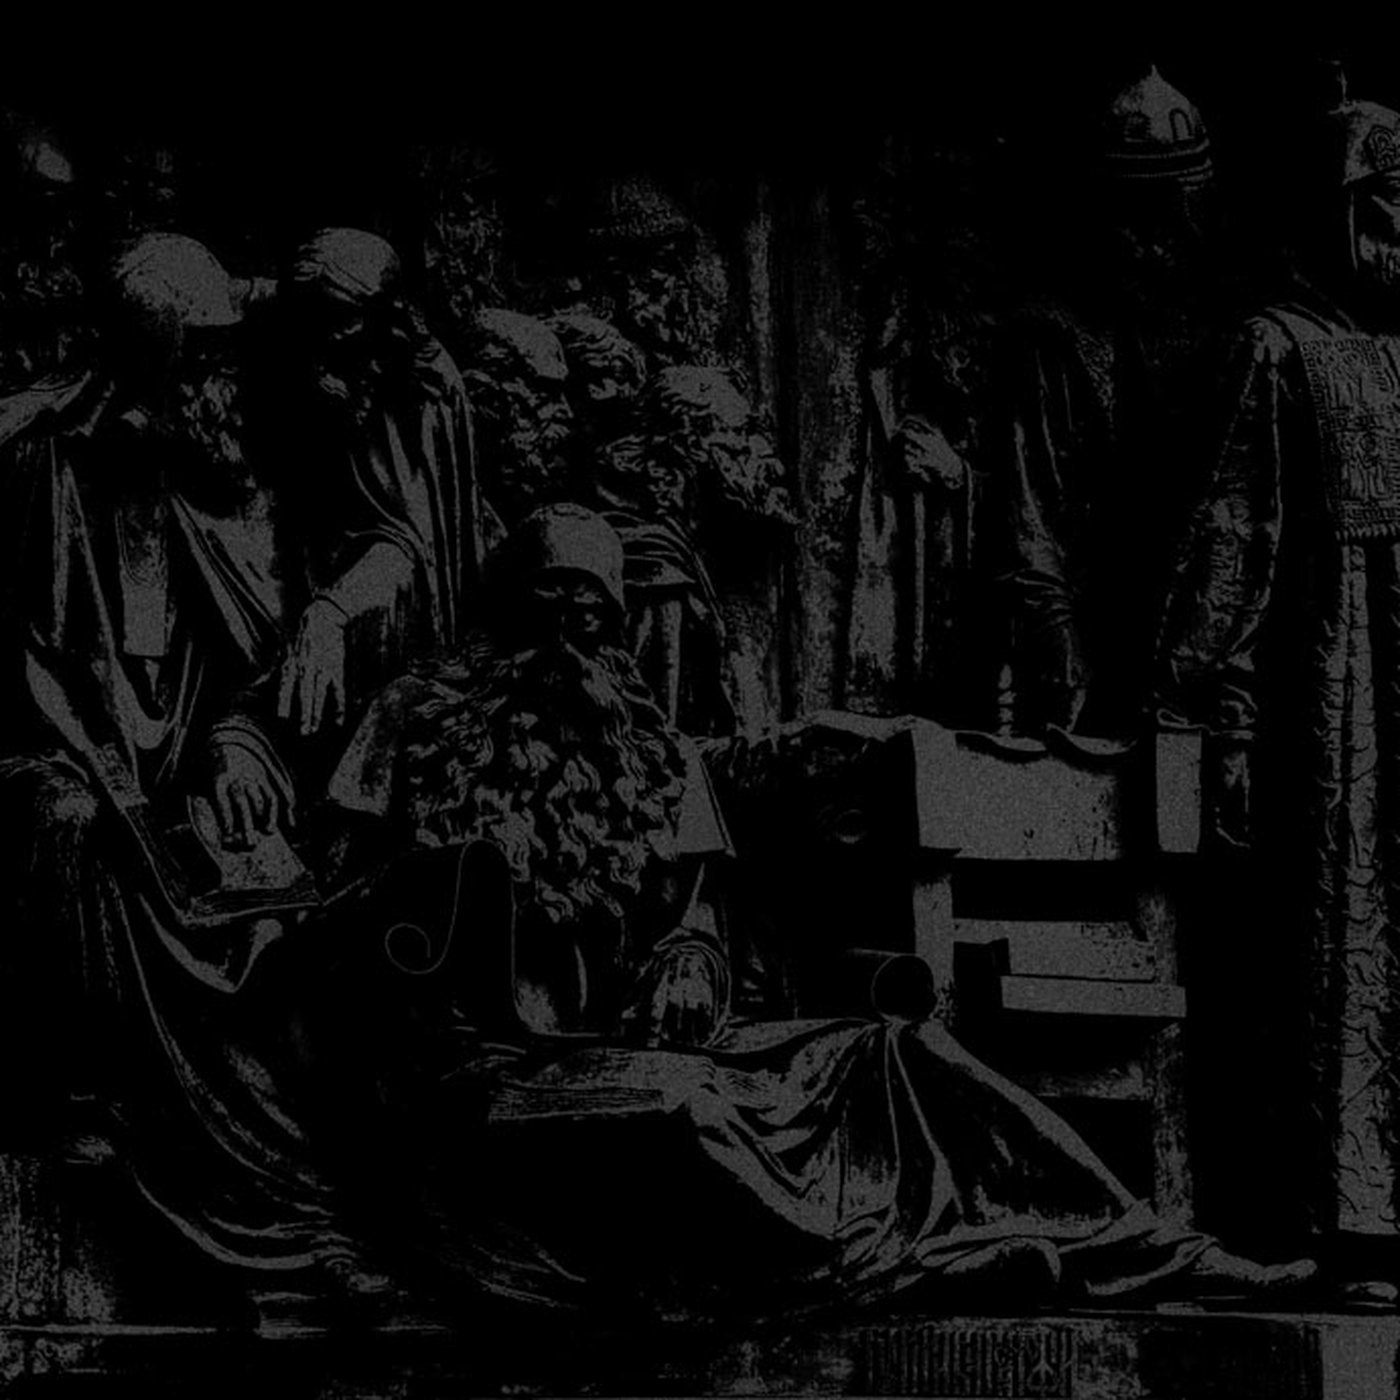 Фото - Андрей Светенко Кому в СССР было жить хорошо гатчинский парк уголок зверинца андрей ушин ксилография ссср ленинград 1956 год